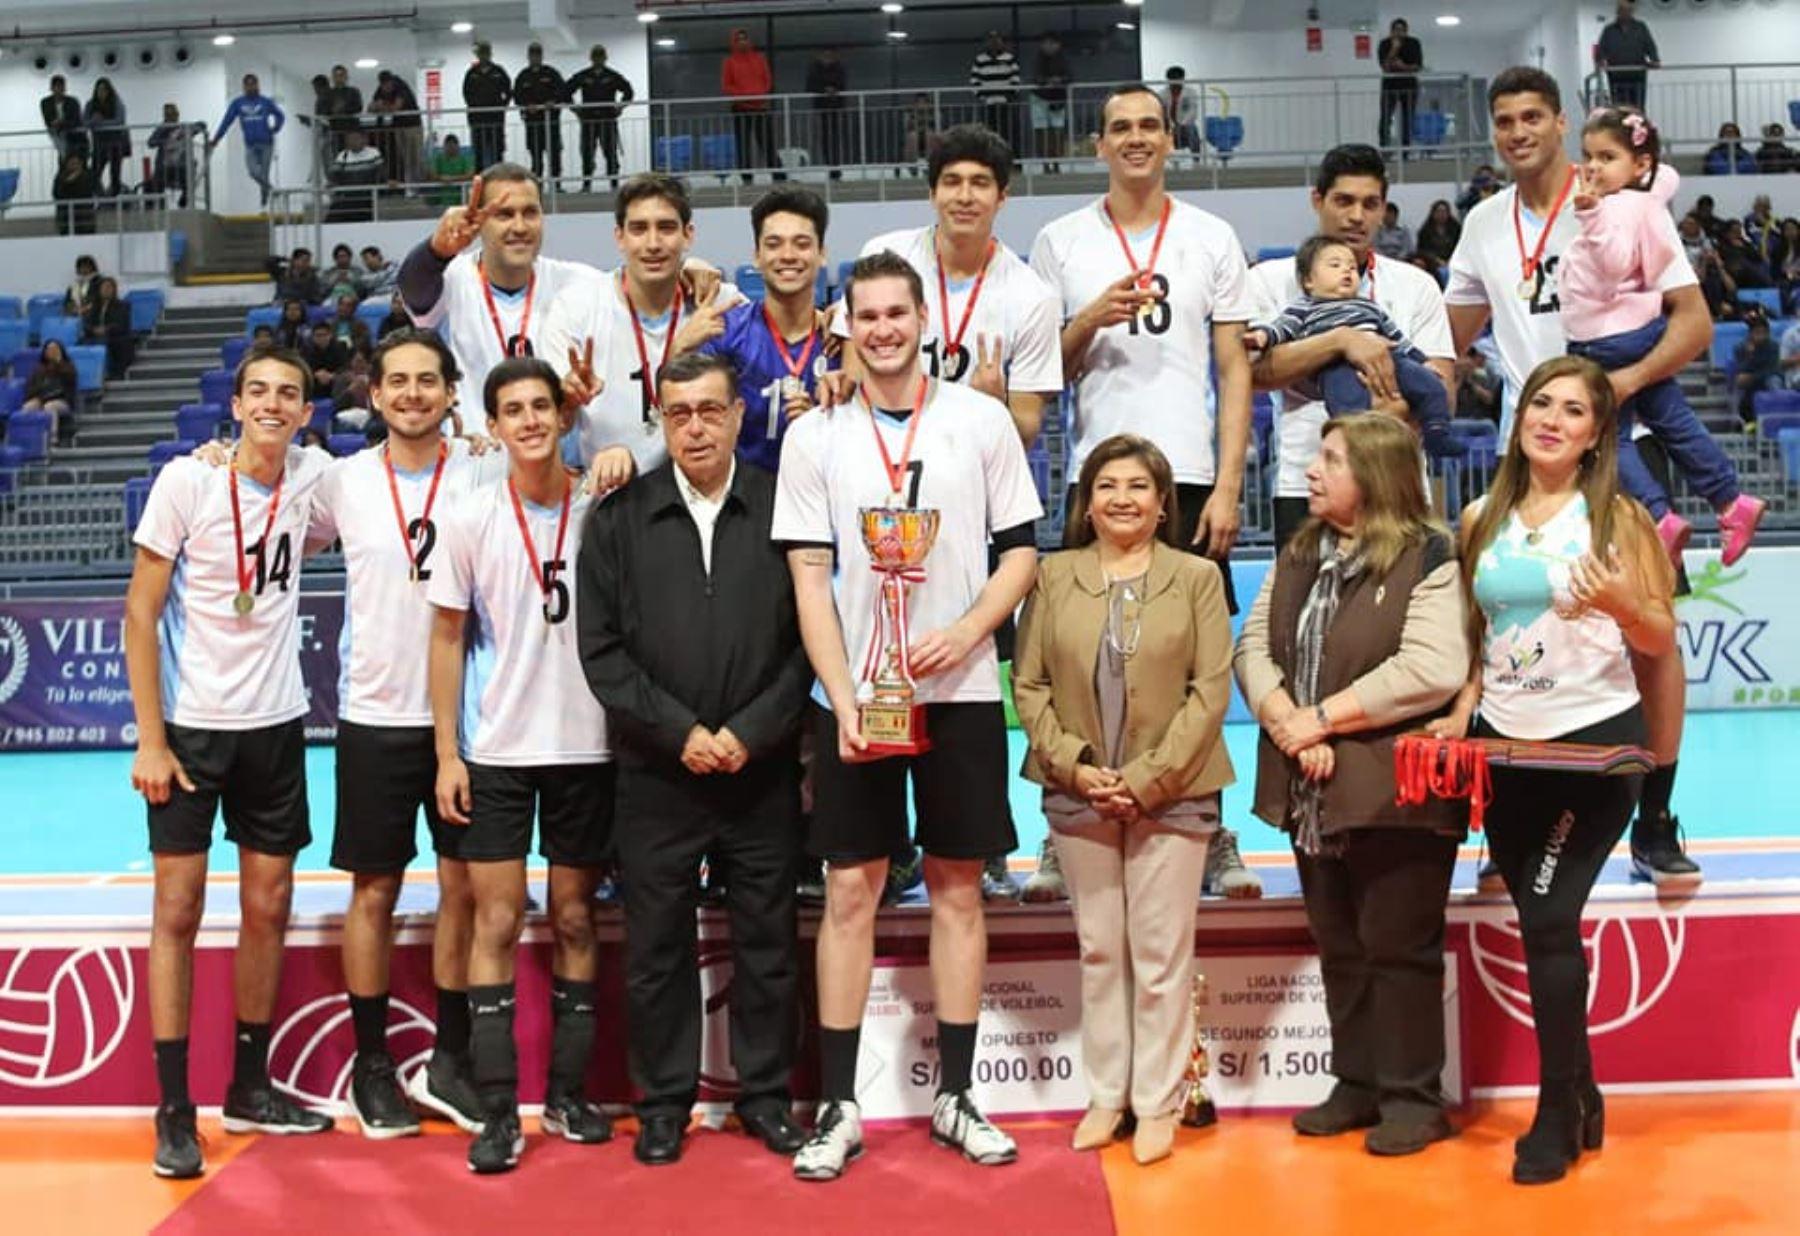 El Club Regatas Lima de proclamó campeón por segunda vez de la  Liga Nacional Superior de Voleibol Masculino 2019